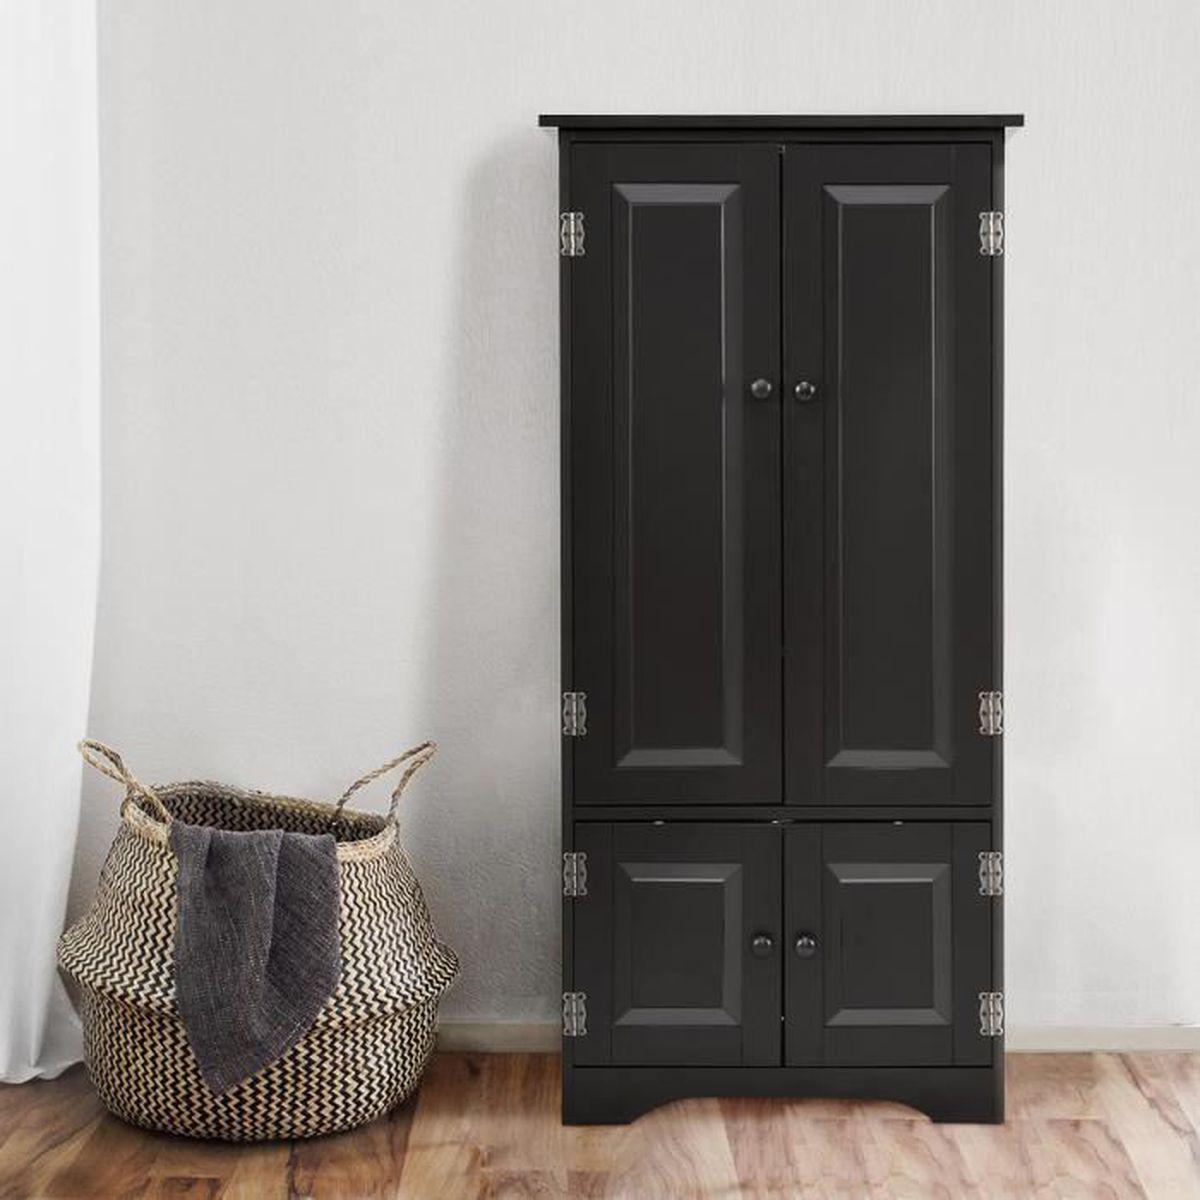 Rangement Pour Le Bois armoire de chambre en bois de style vintage pour rangement